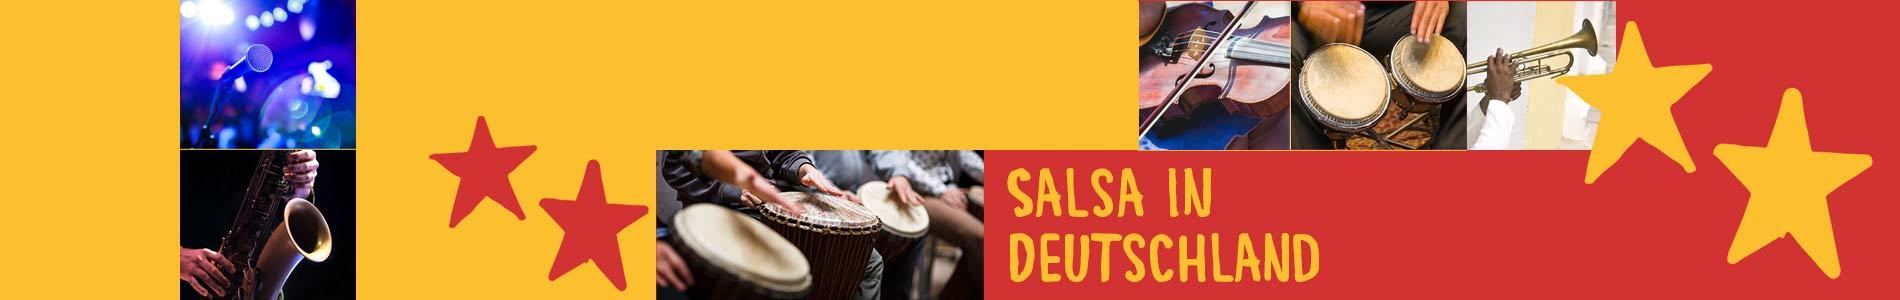 Salsa in Dasing – Salsa lernen und tanzen, Tanzkurse, Partys, Veranstaltungen